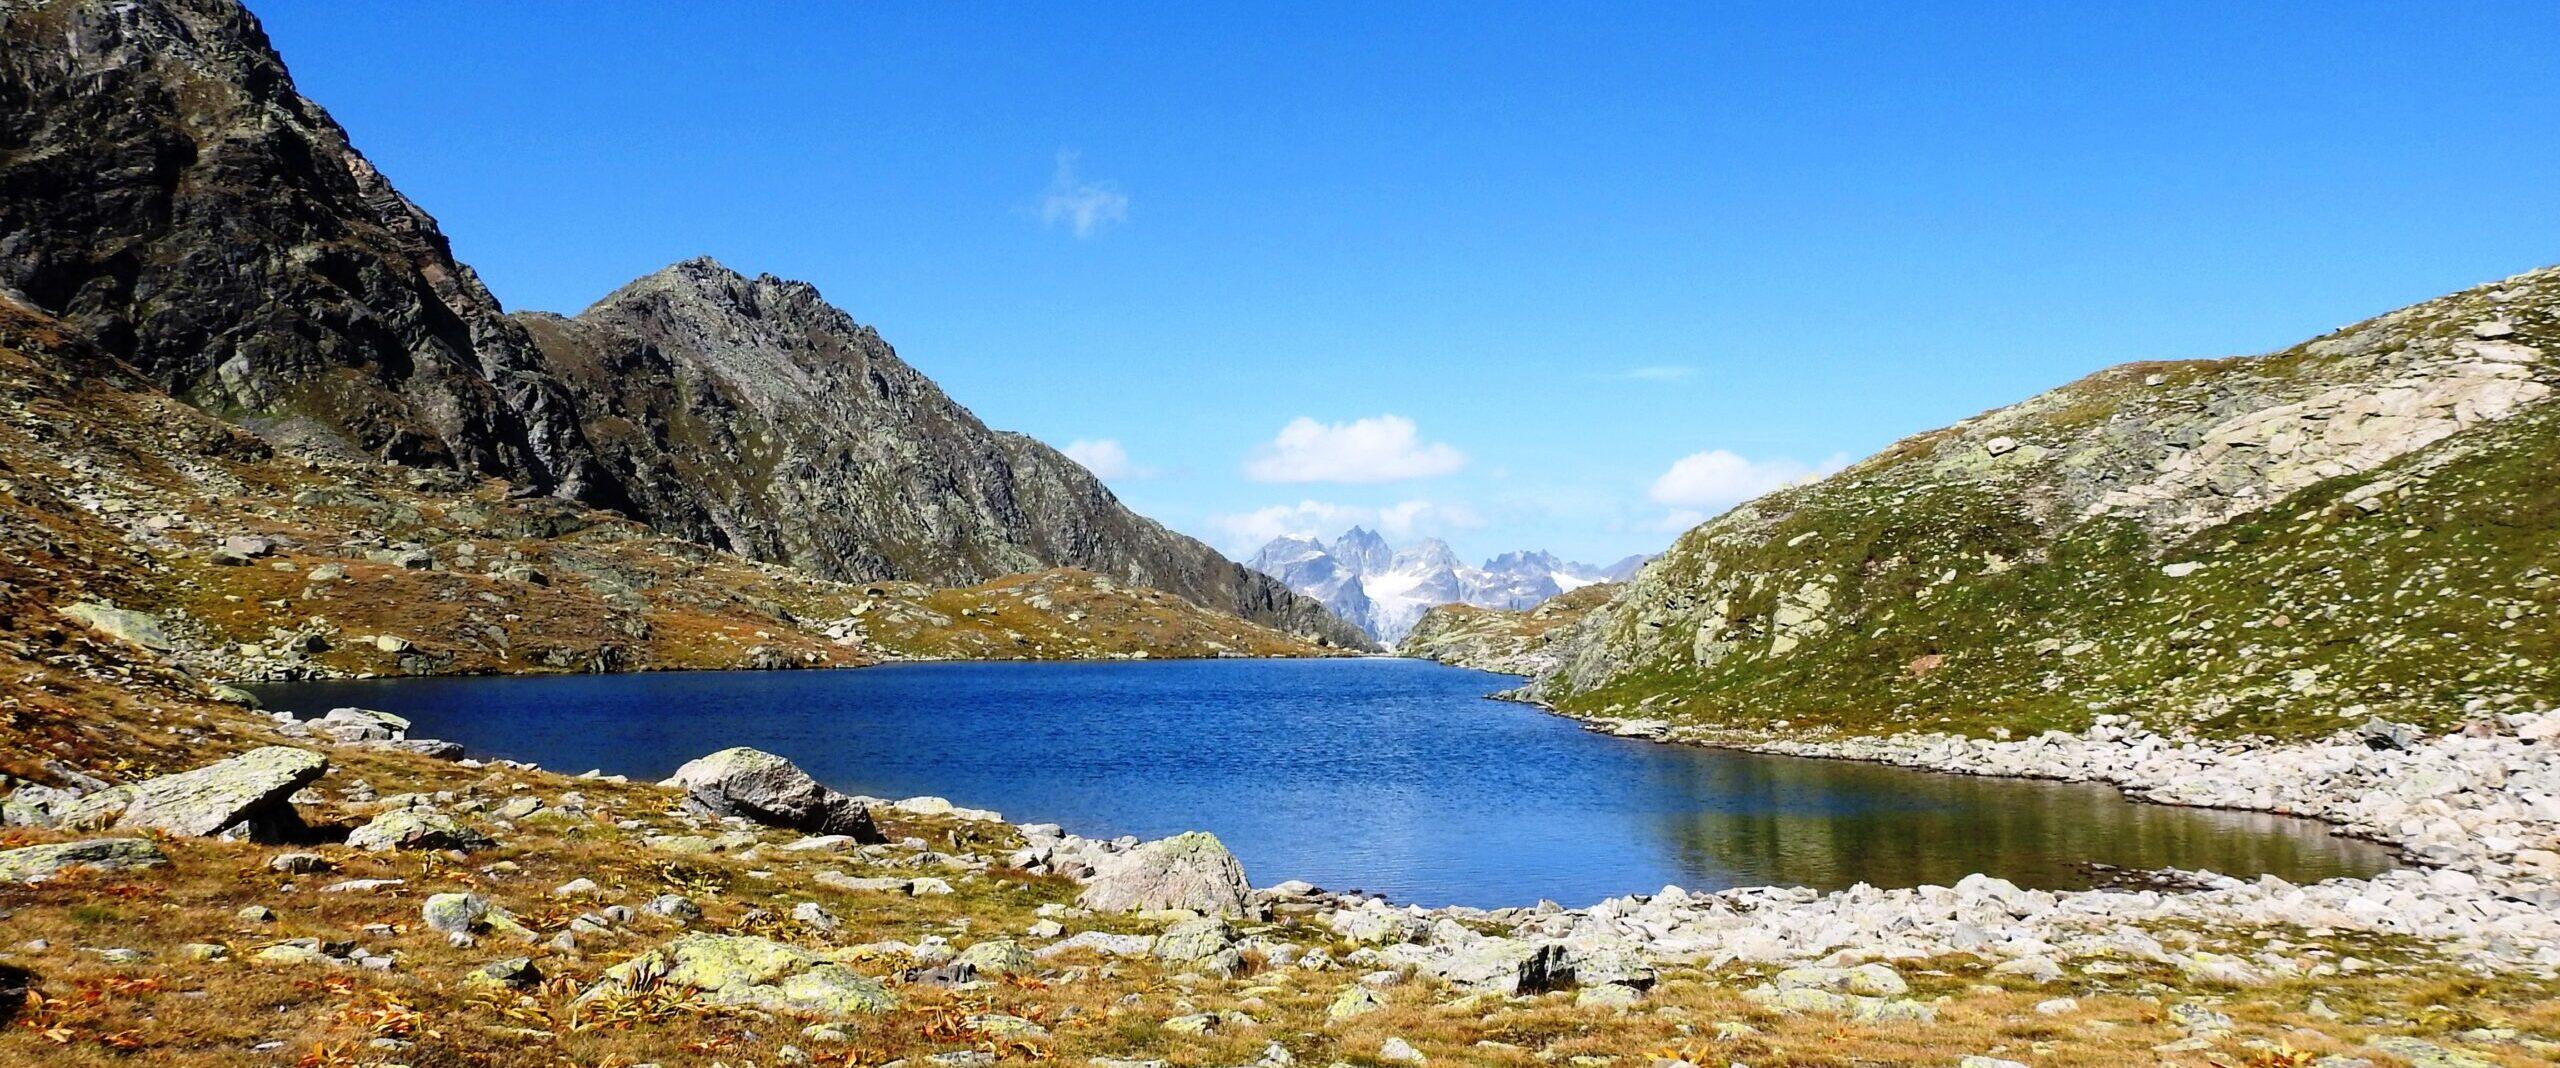 07 – In 66 Tagen zu 55 Schweizer Bergseen